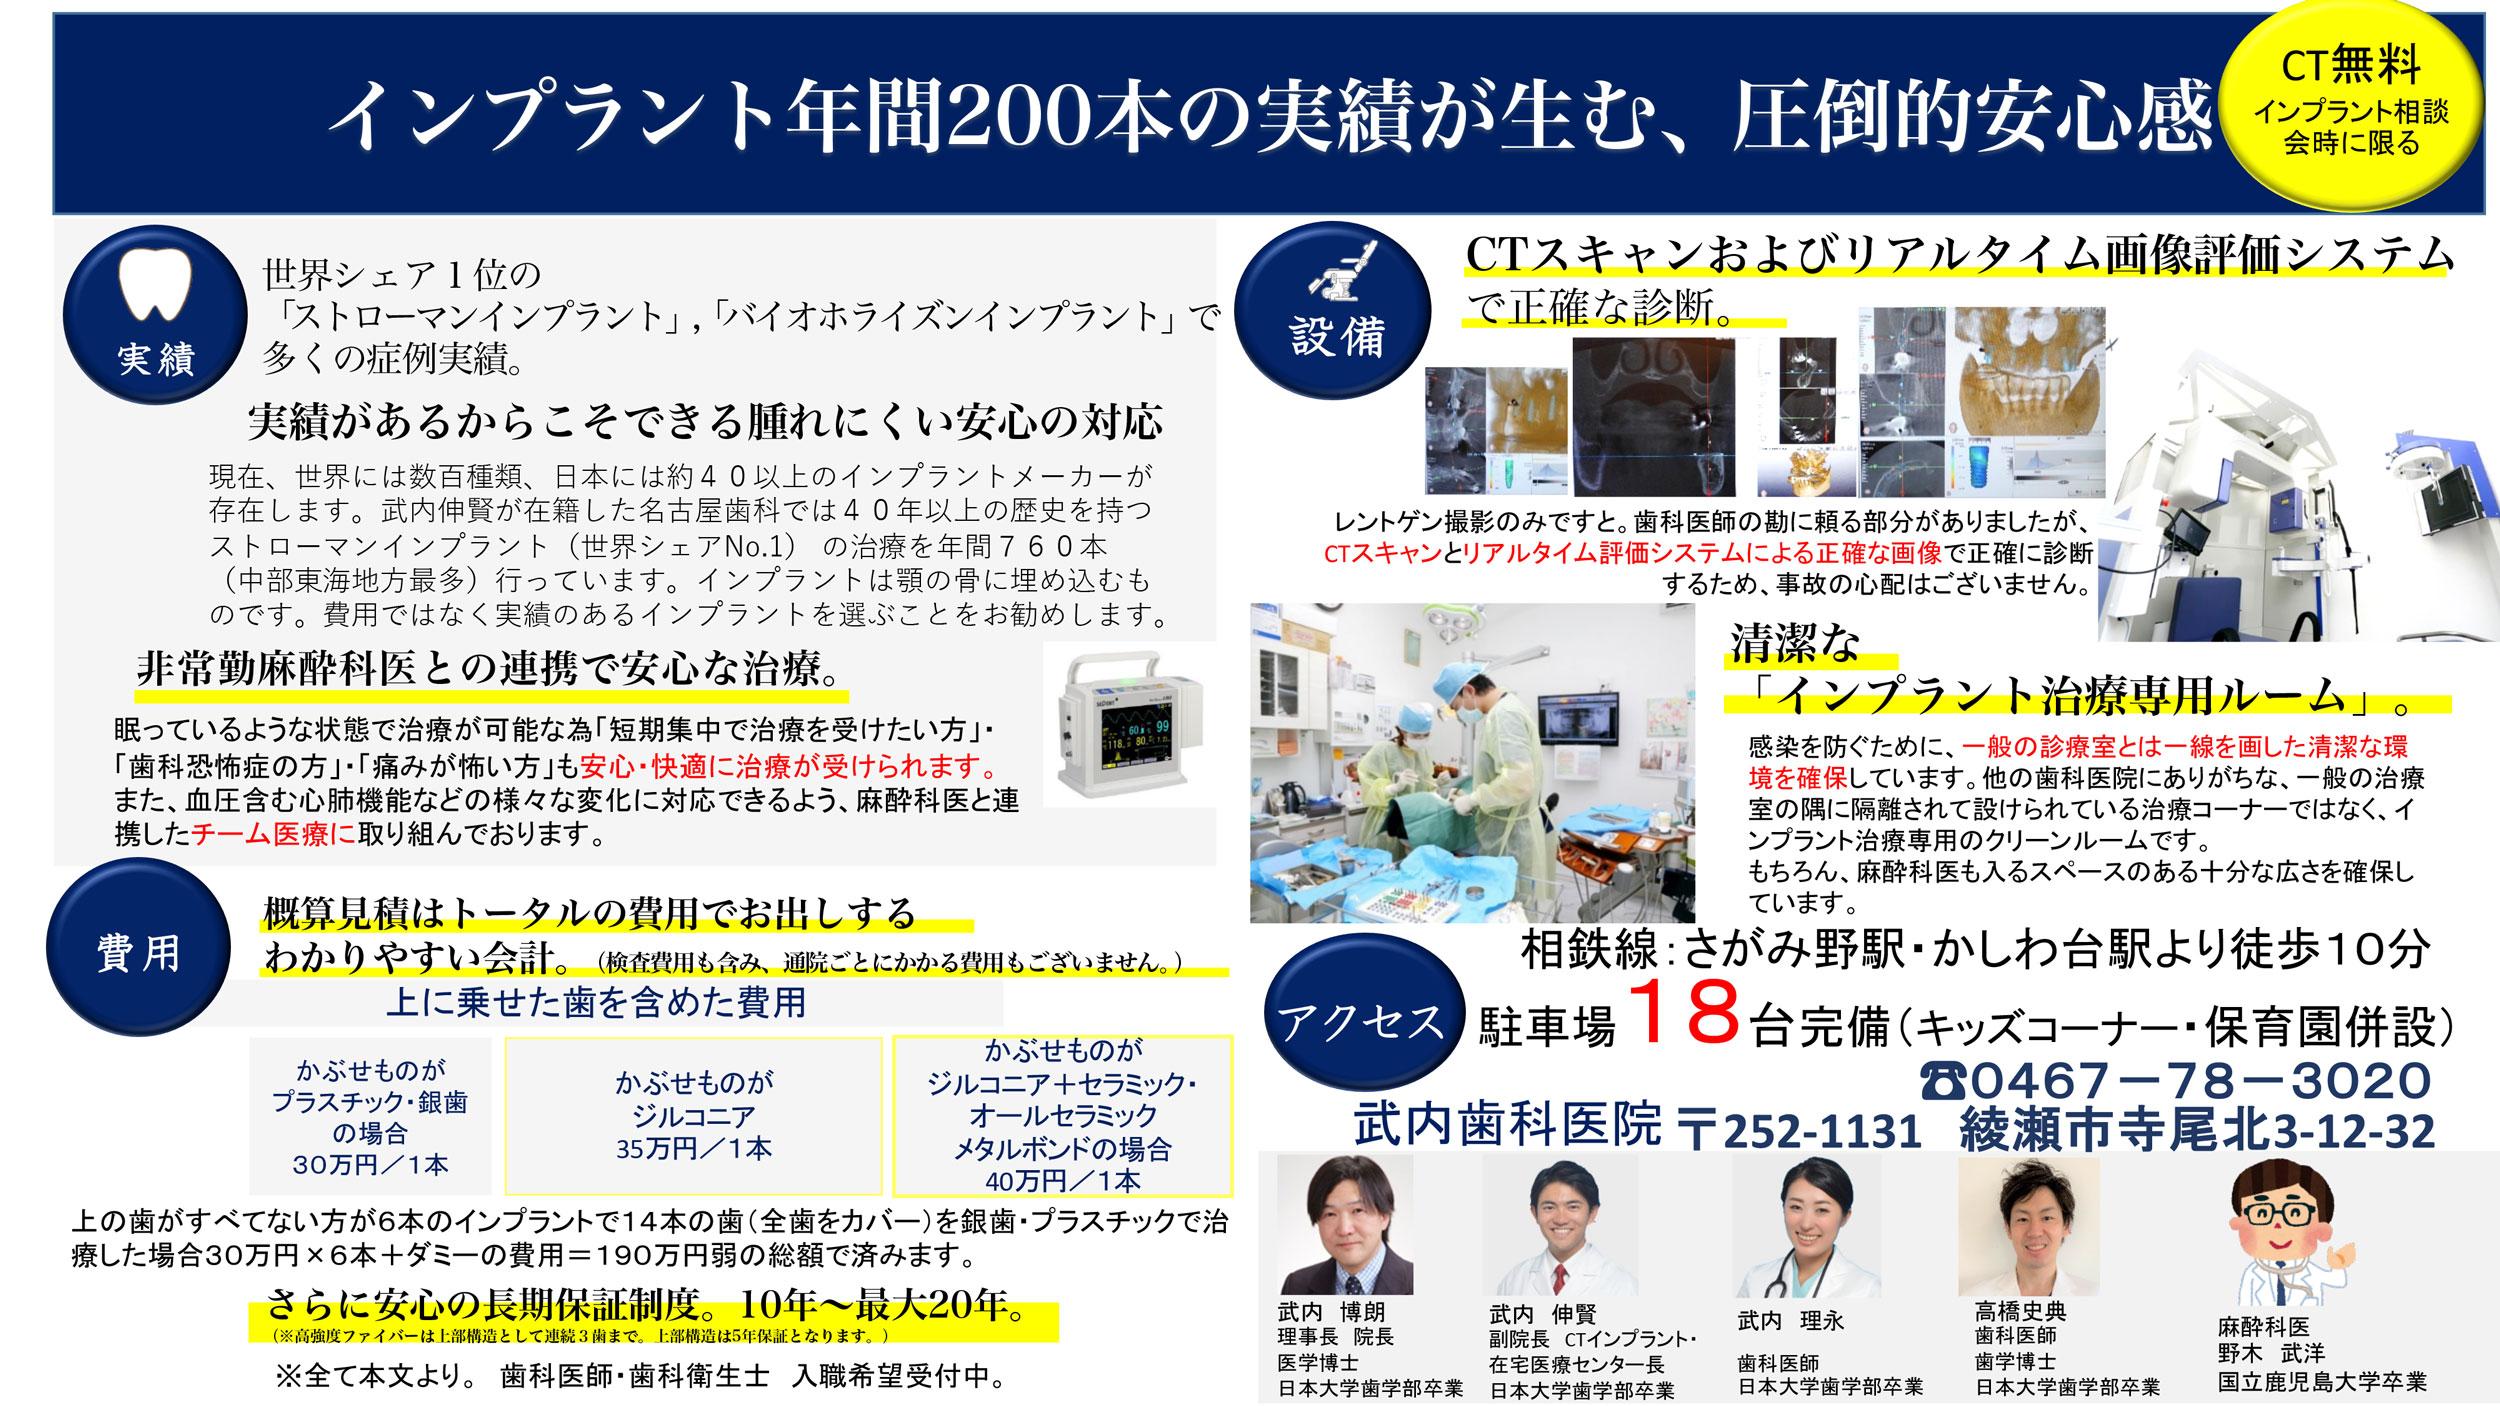 綾瀬の歯医者 武内歯科医院 インプラント相談会